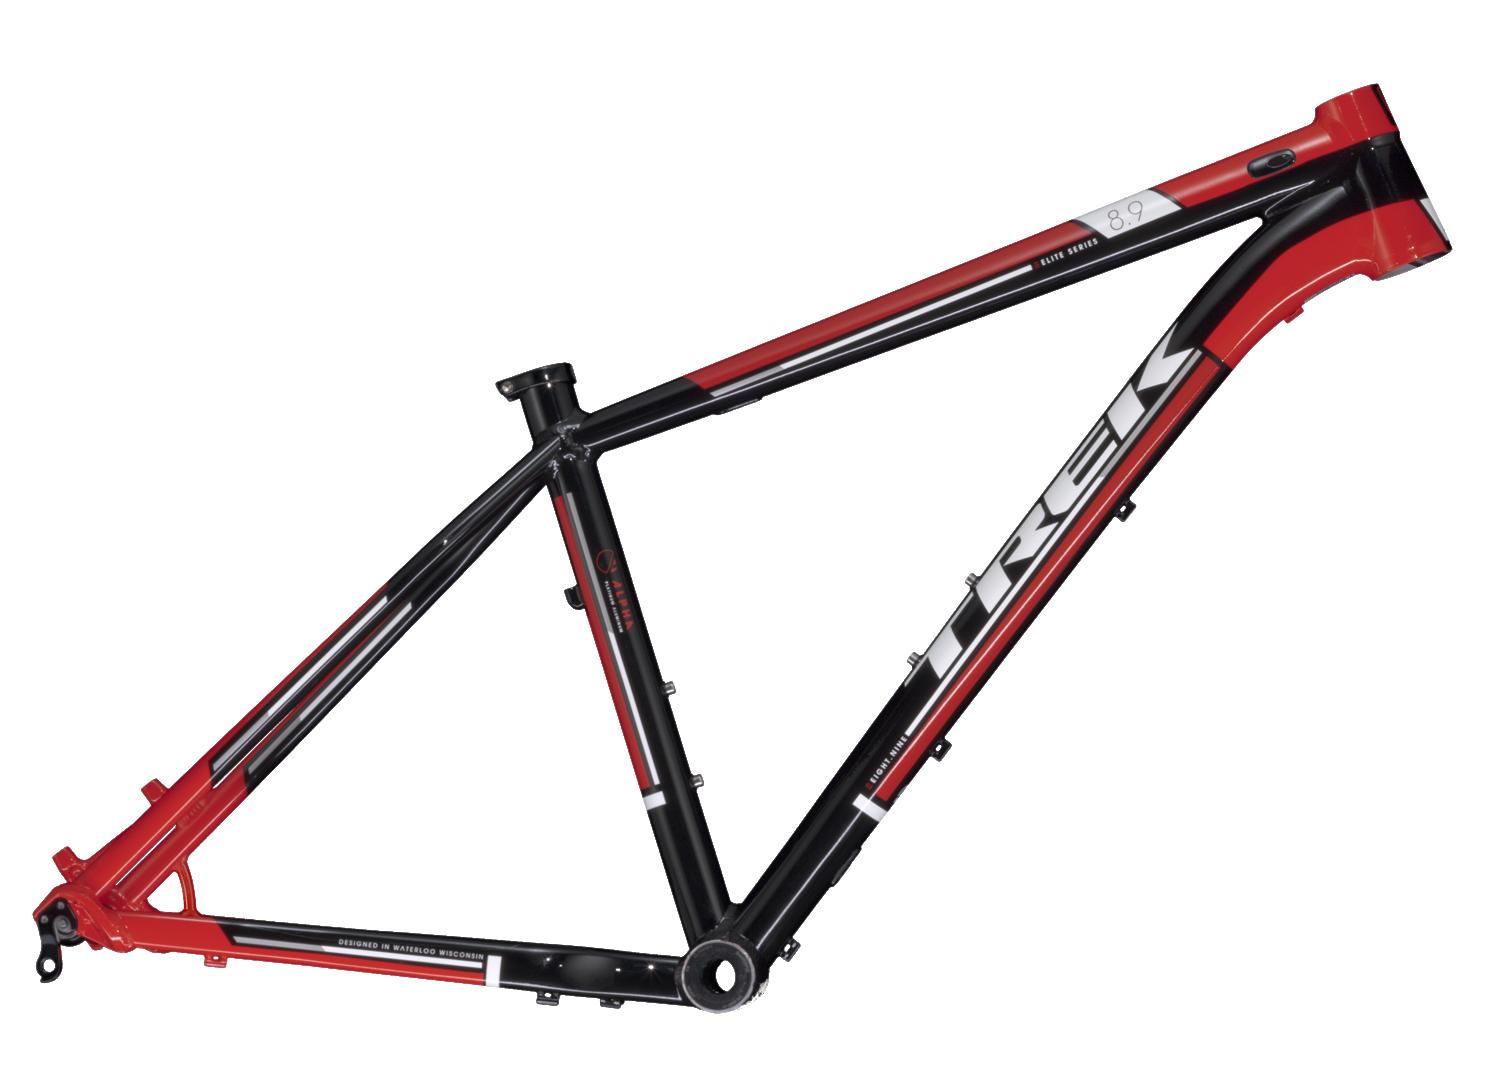 2013 Elite 8.9 Frame - Bike Archive - Trek Bicycle